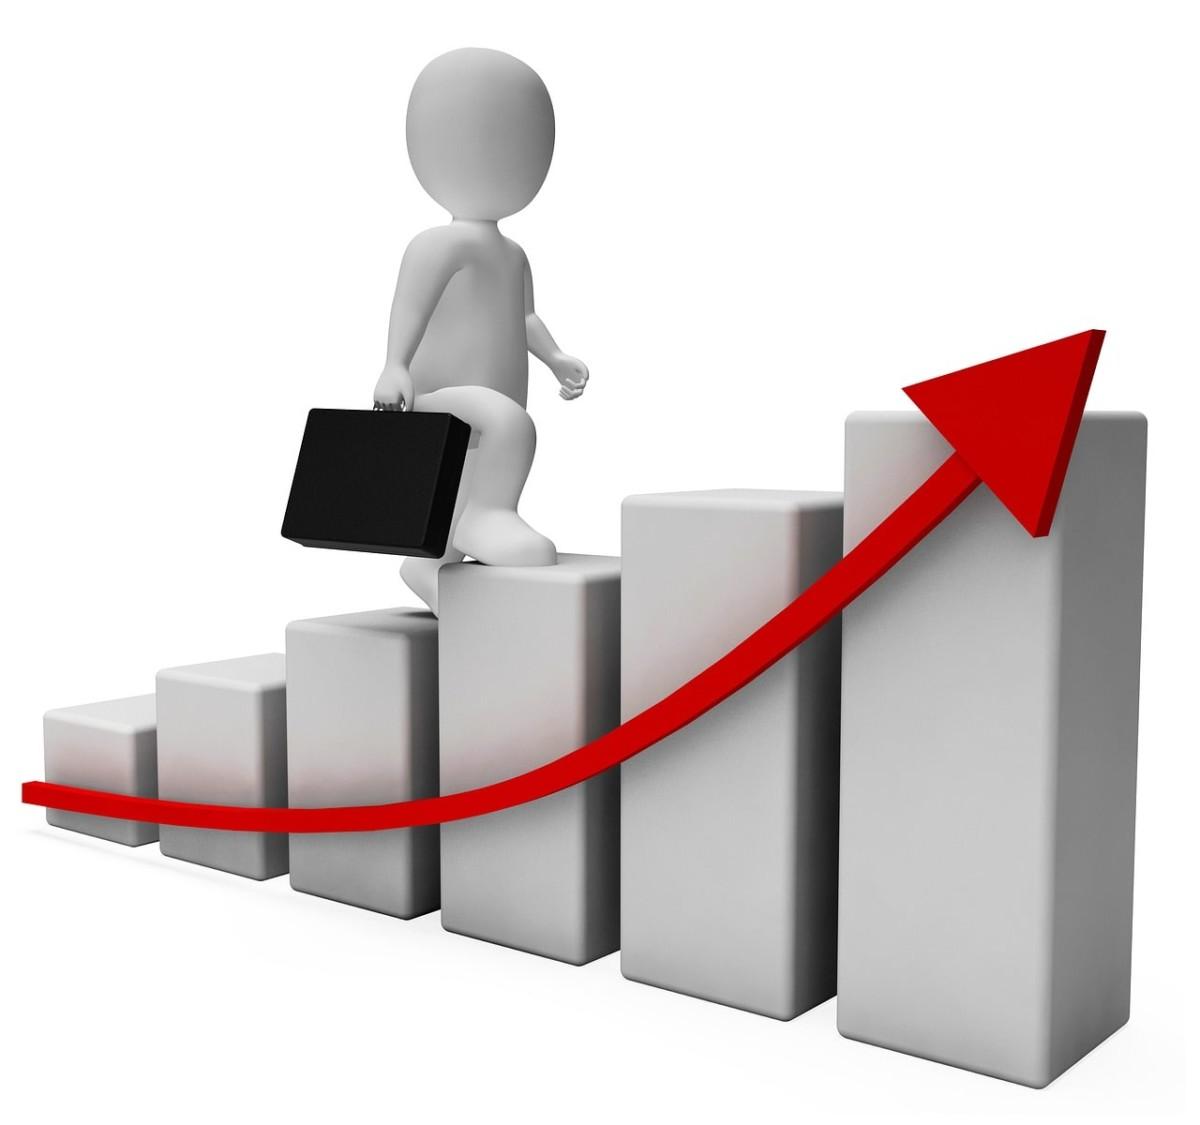 イデコ加入者数推移30年5月